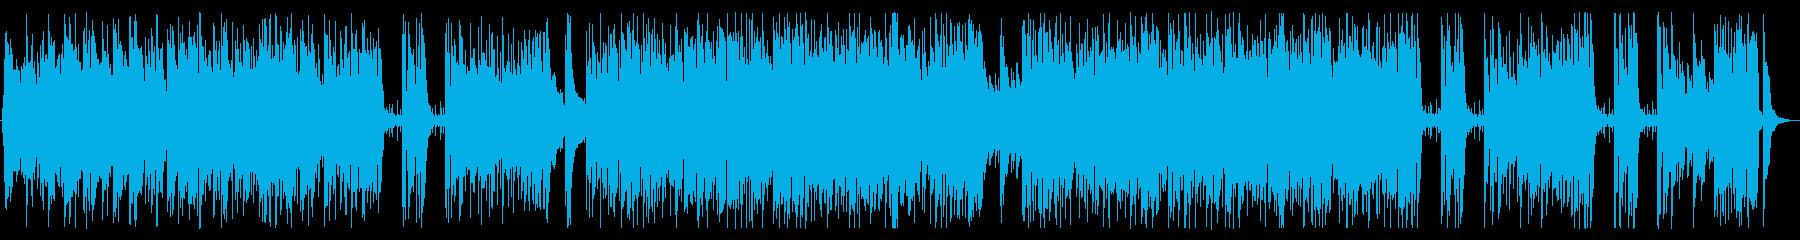 軽快なアコースティックフュージョンの再生済みの波形